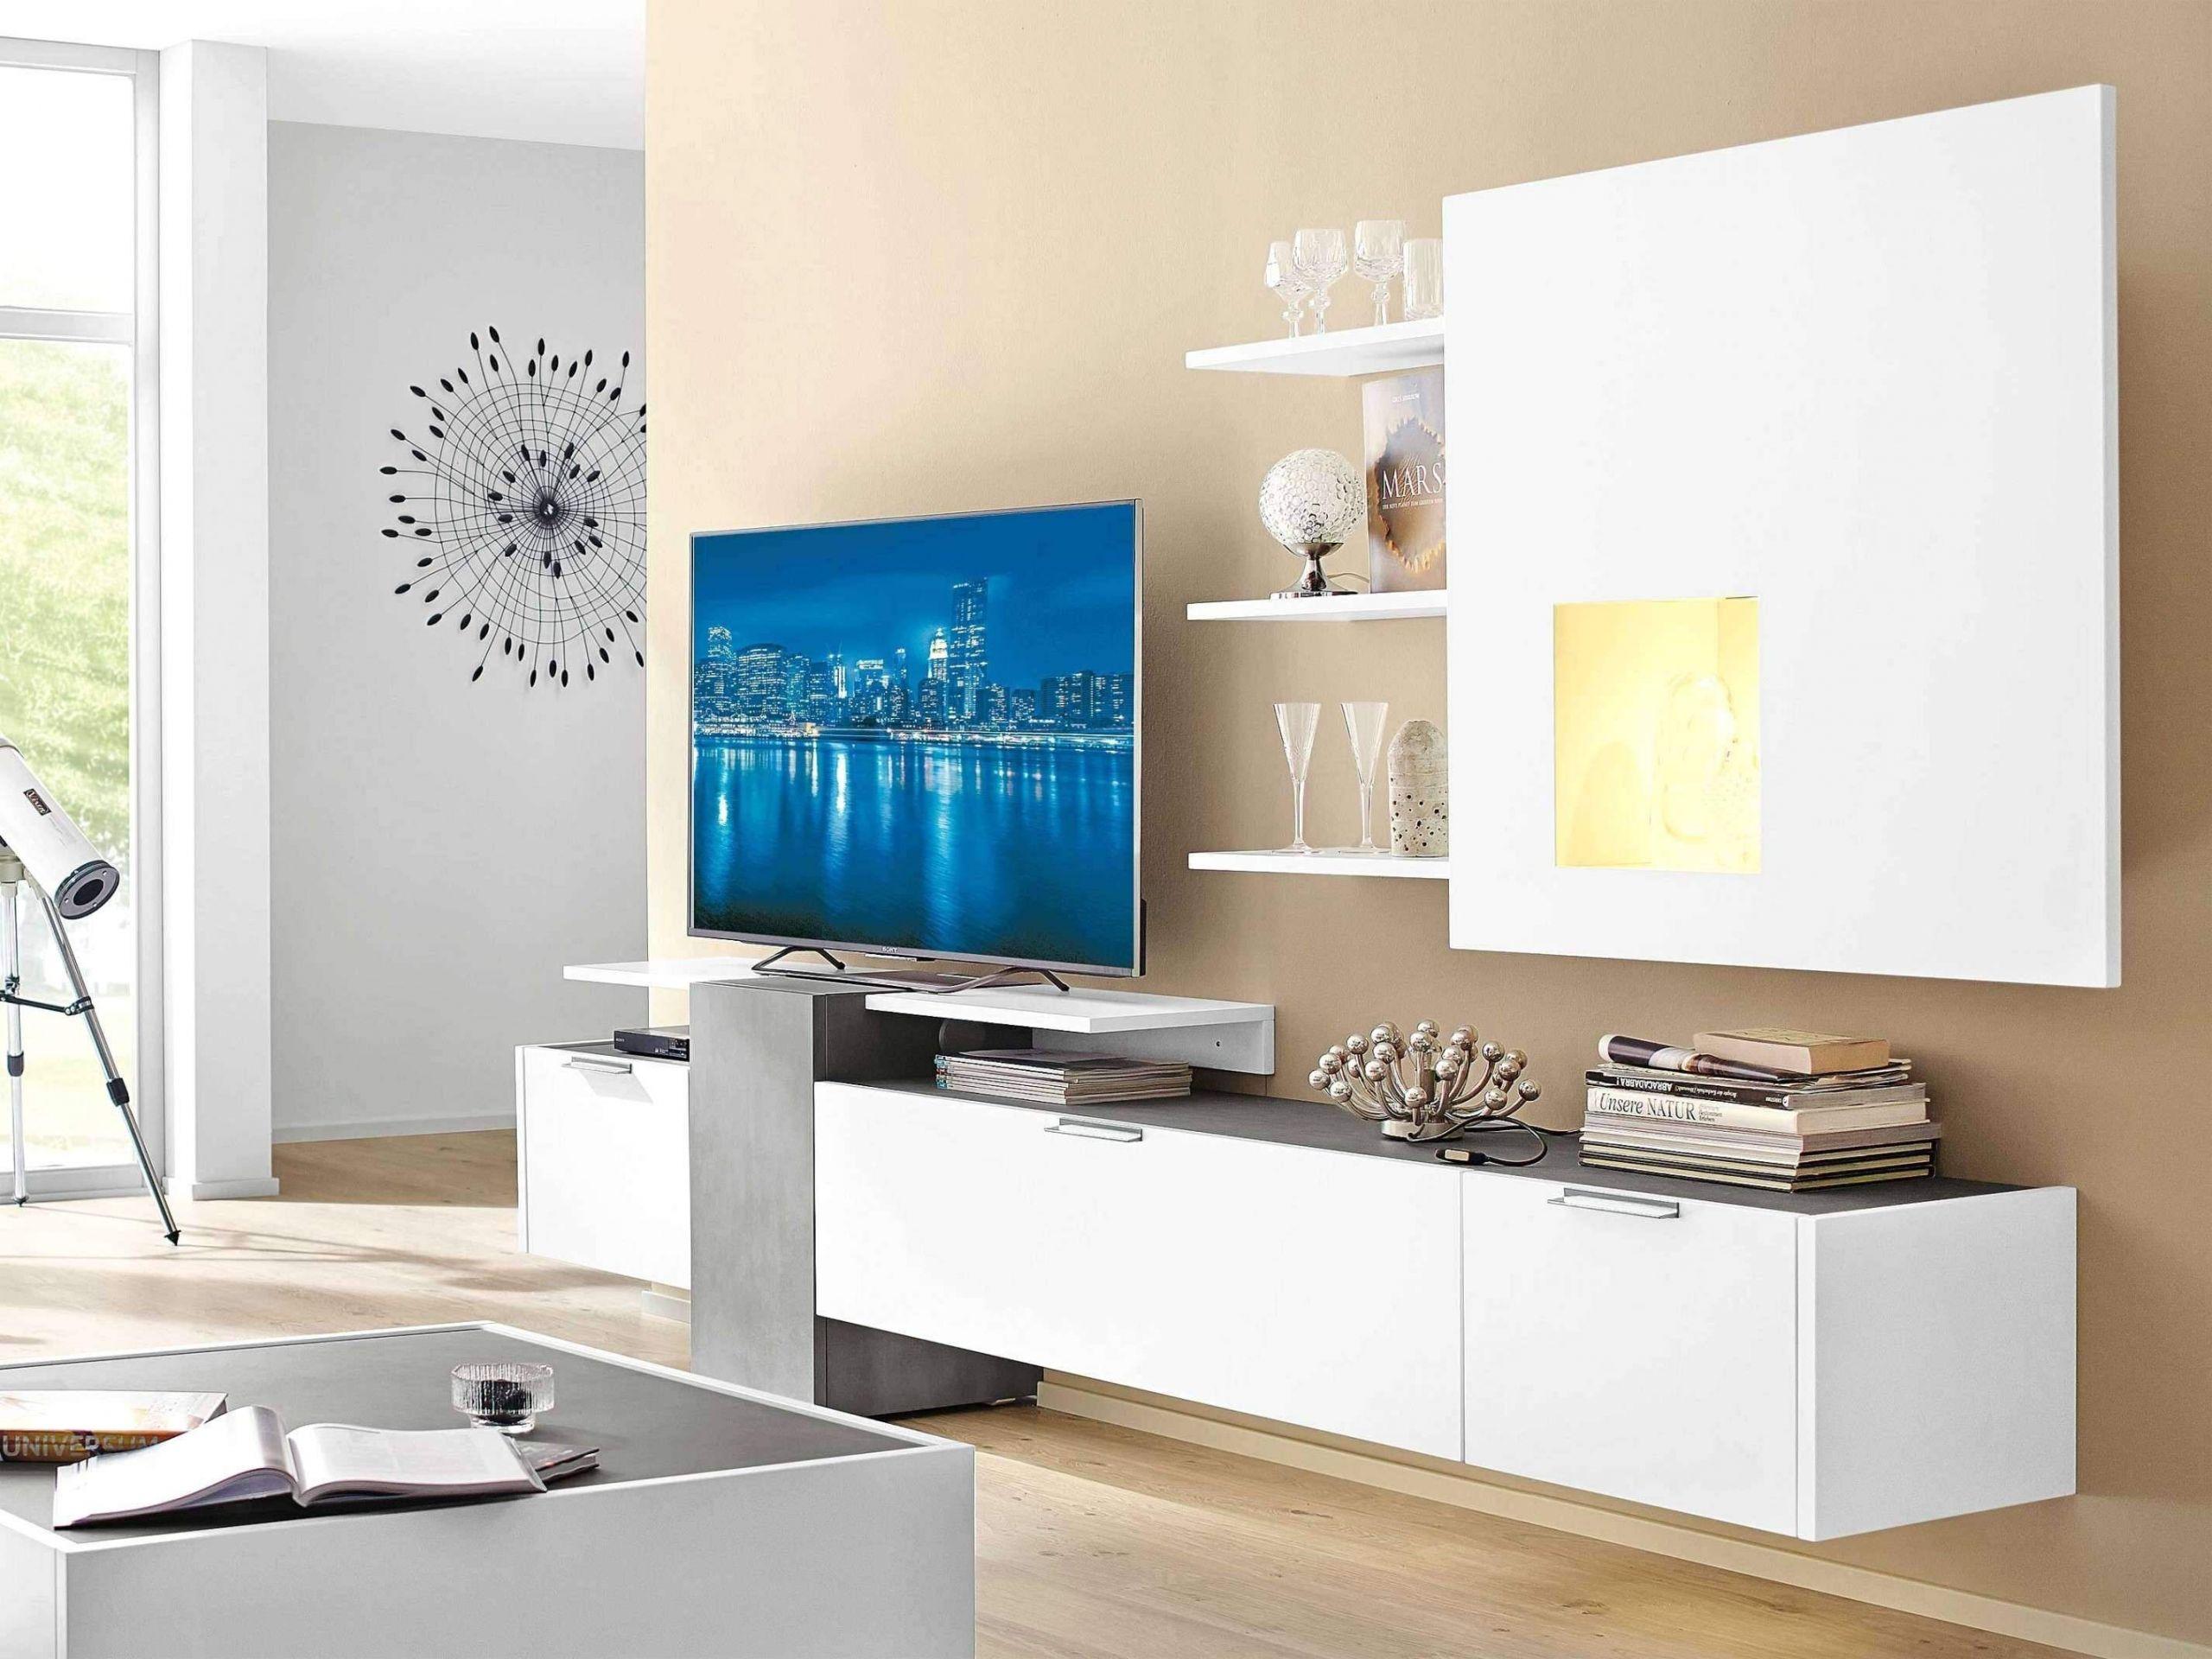 Full Size of Deko Sideboard Wohnzimmer Das Beste Von Für Küche Schlafzimmer Dekoration Wanddeko Mit Arbeitsplatte Badezimmer Wohnzimmer Deko Sideboard